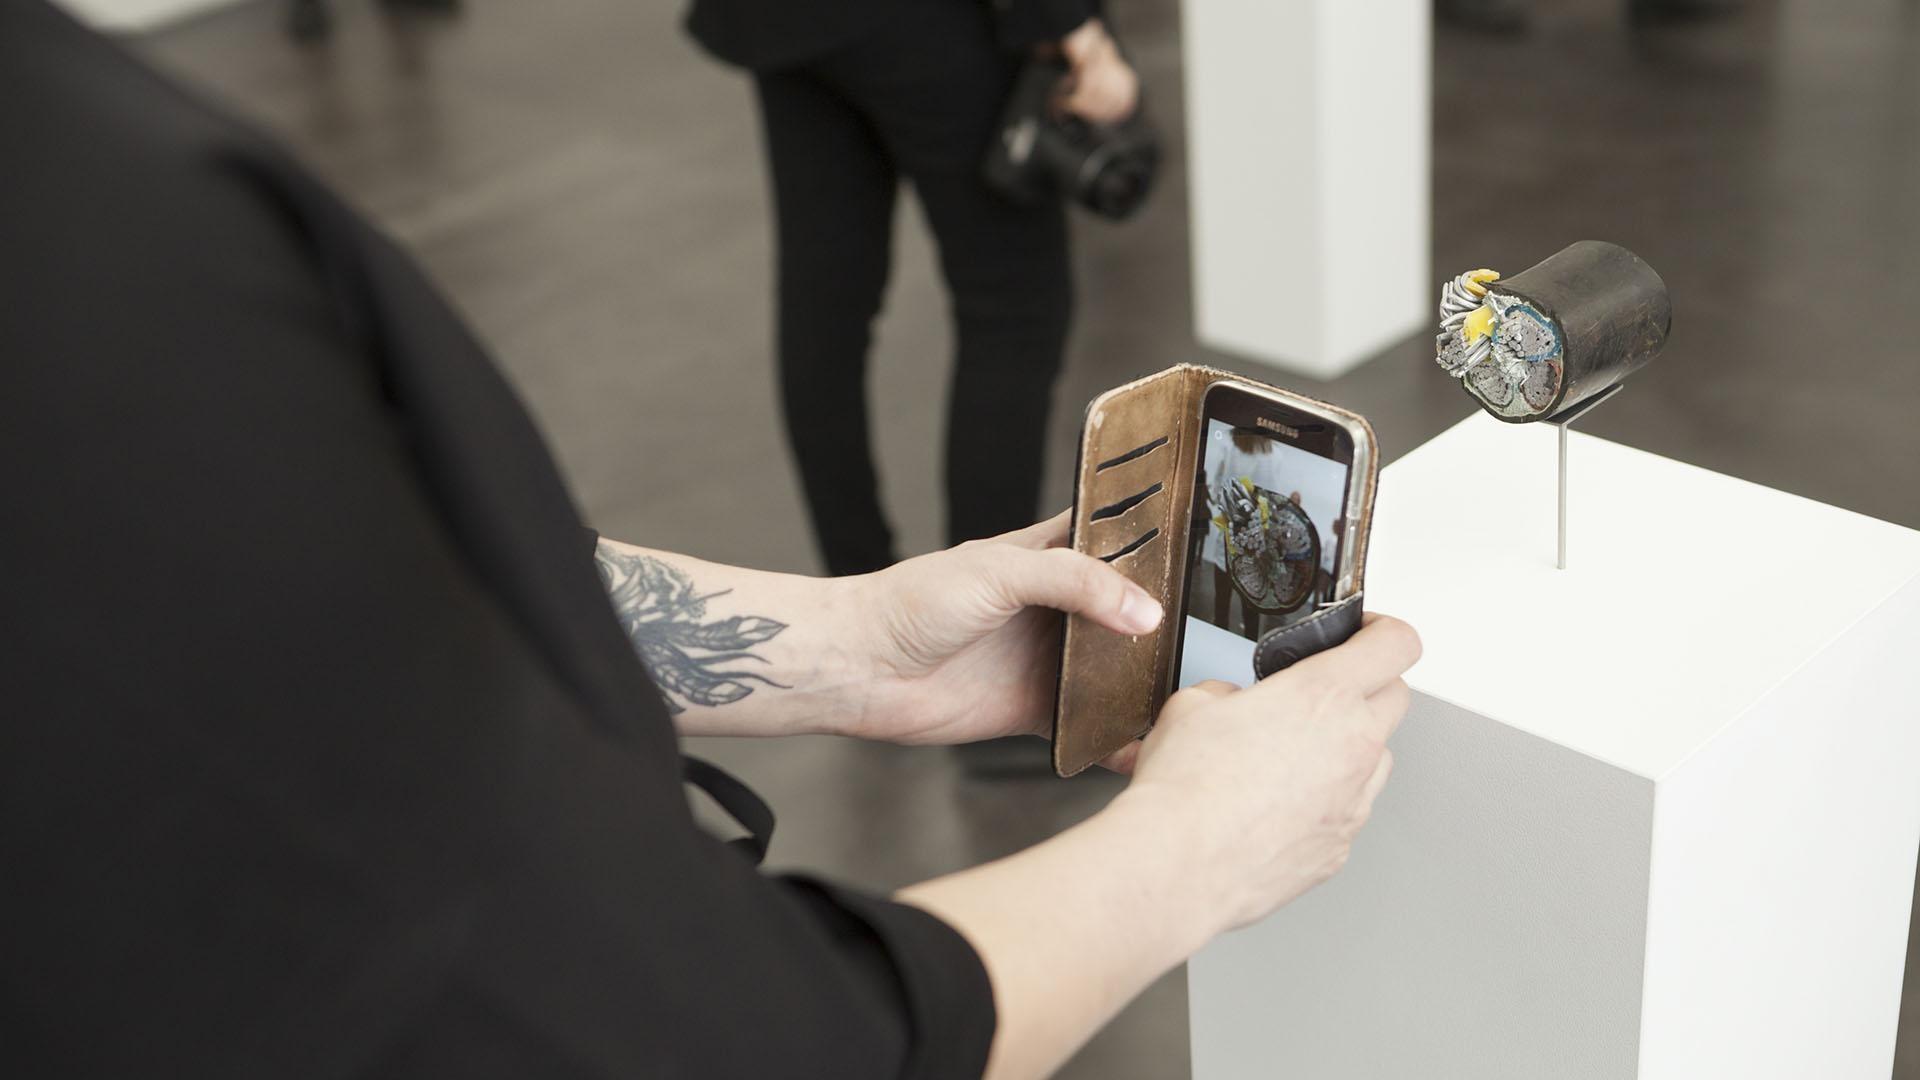 Henkilö ottaa kuvaa kännykällä taideteoksesta.